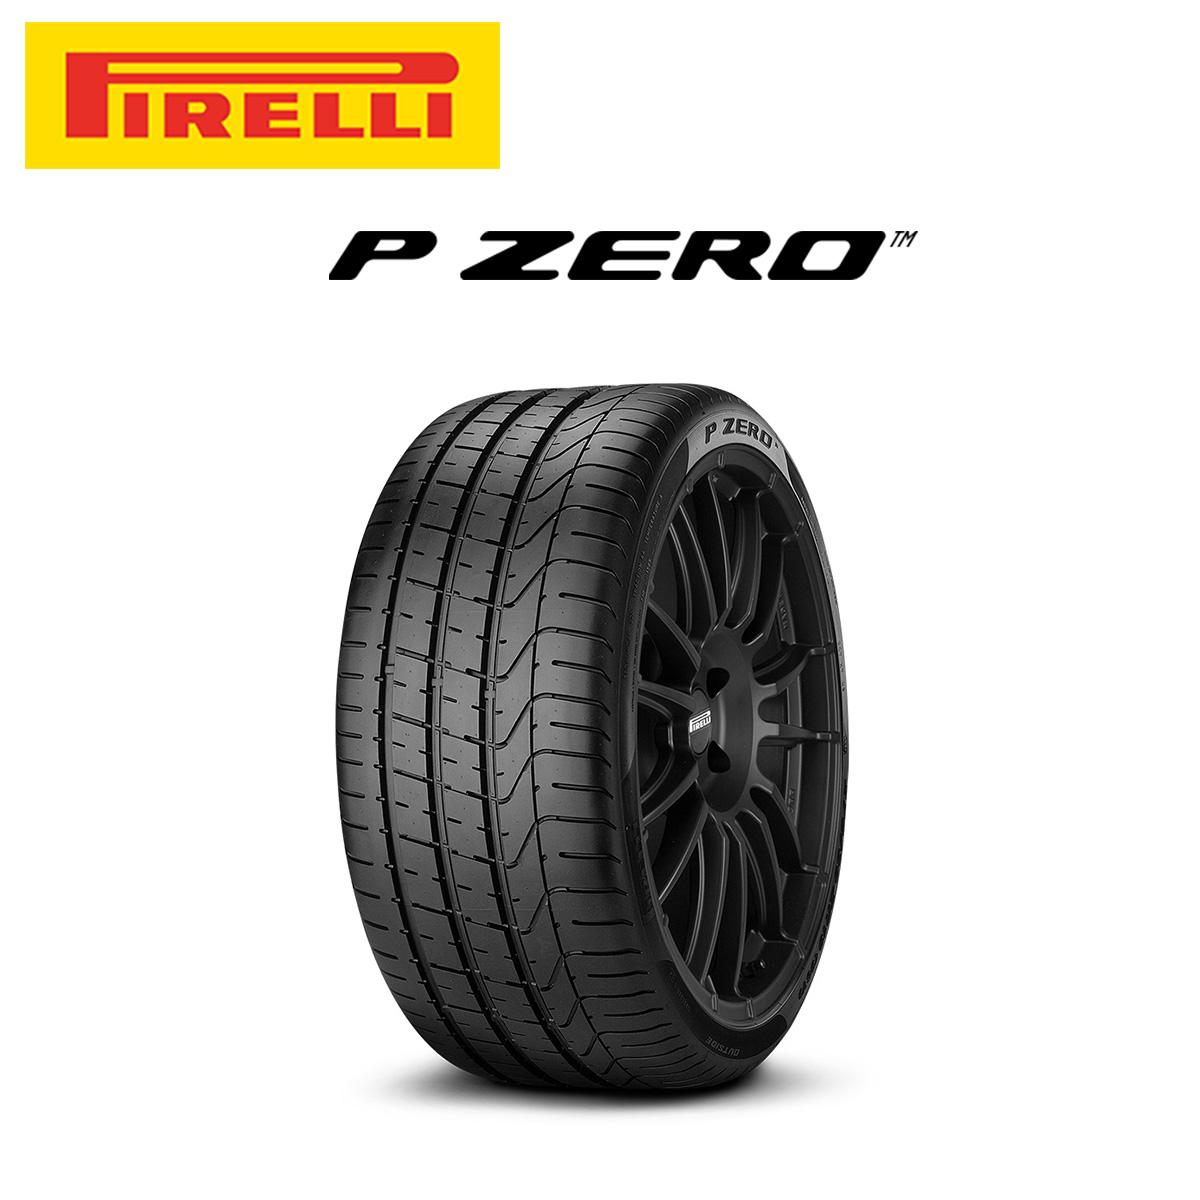 ピレリ PIRELLI P ZERO ピーゼロ 19インチ サマー タイヤ 4本 セット 275/45ZR19 108Y XL B:ベントレー承認タイヤ 2168200